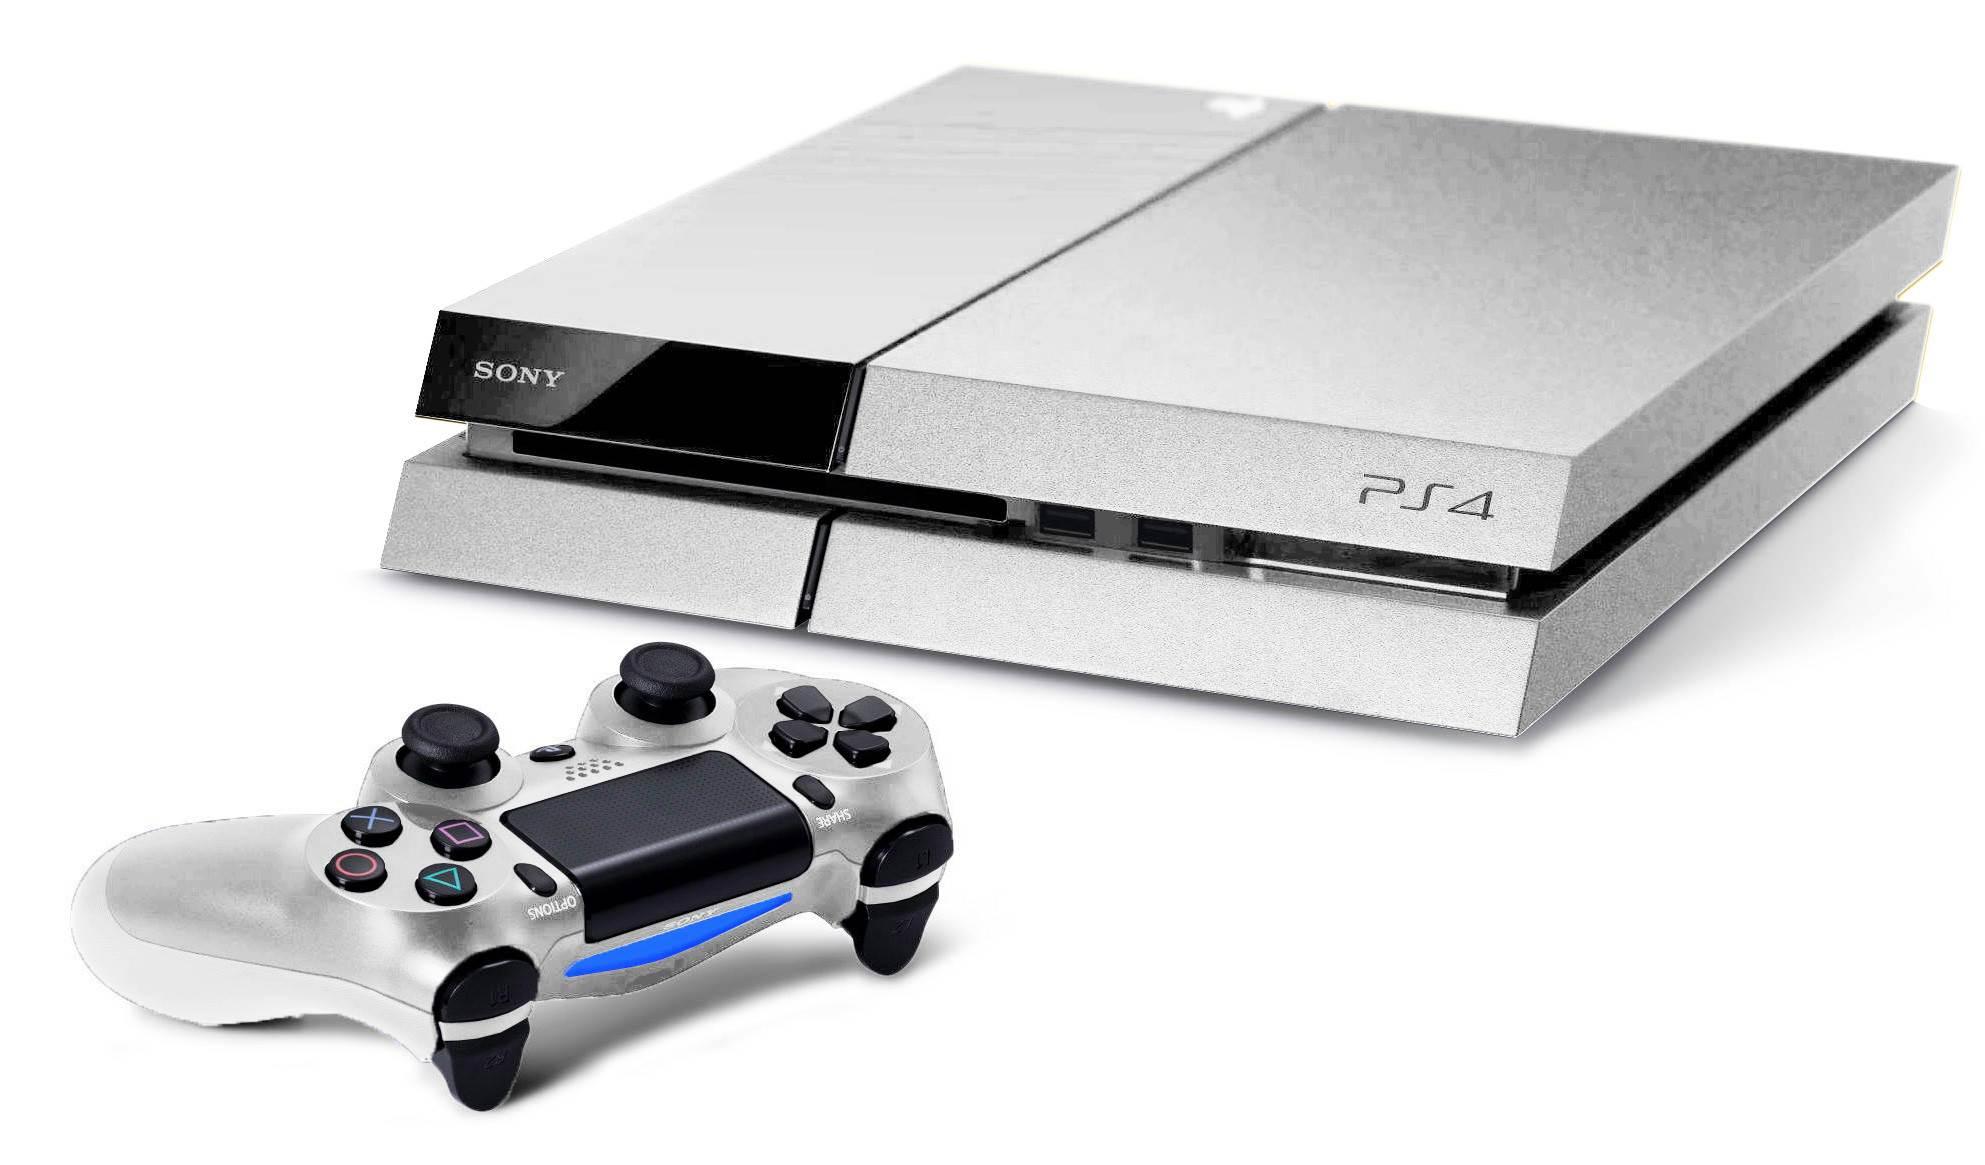 PS4 - tâm huyết của Sony nhận được rất nhiều lời khen